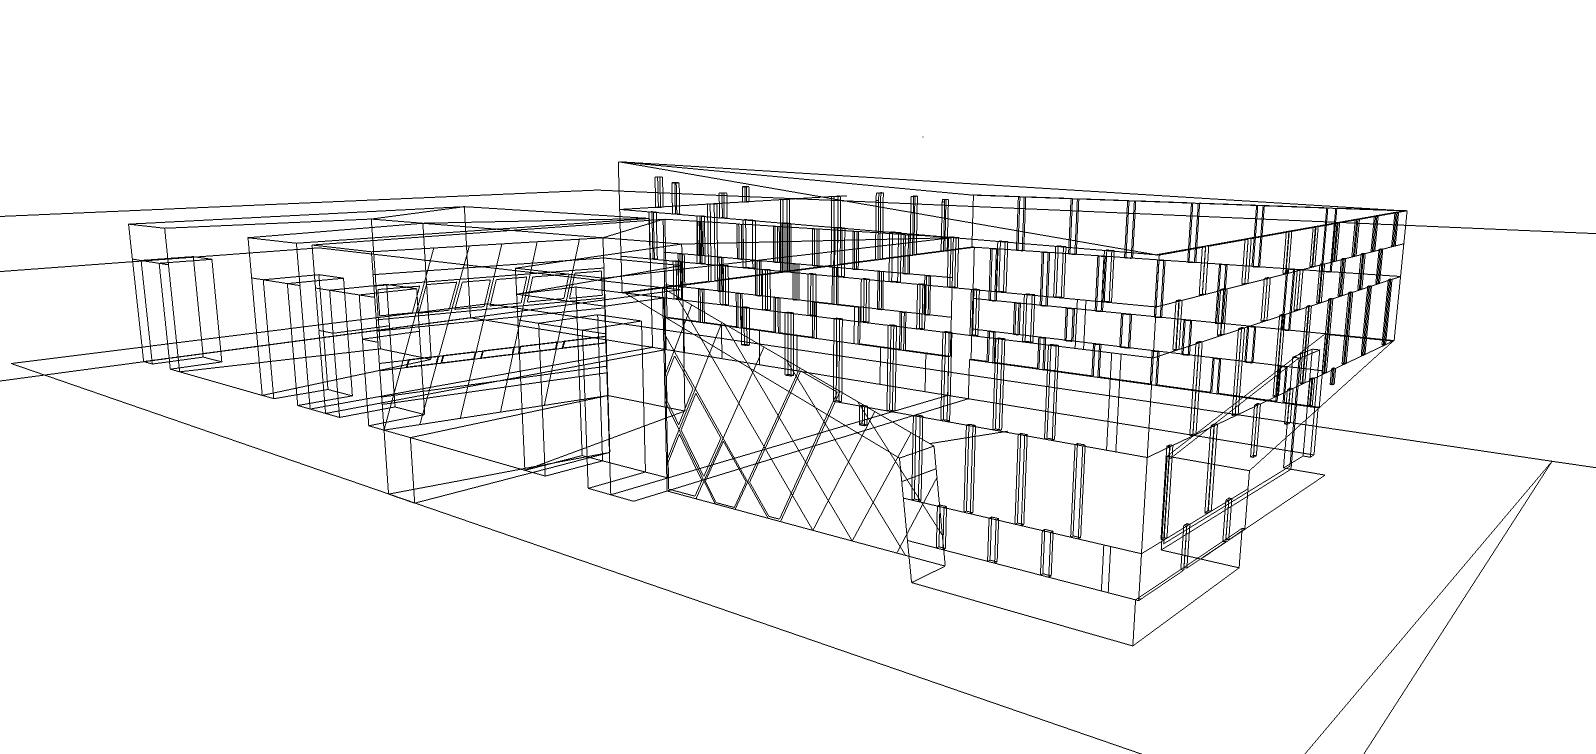 لماذا تعتبر التكنولوجيا الرقمية أساسية في العمارة؟